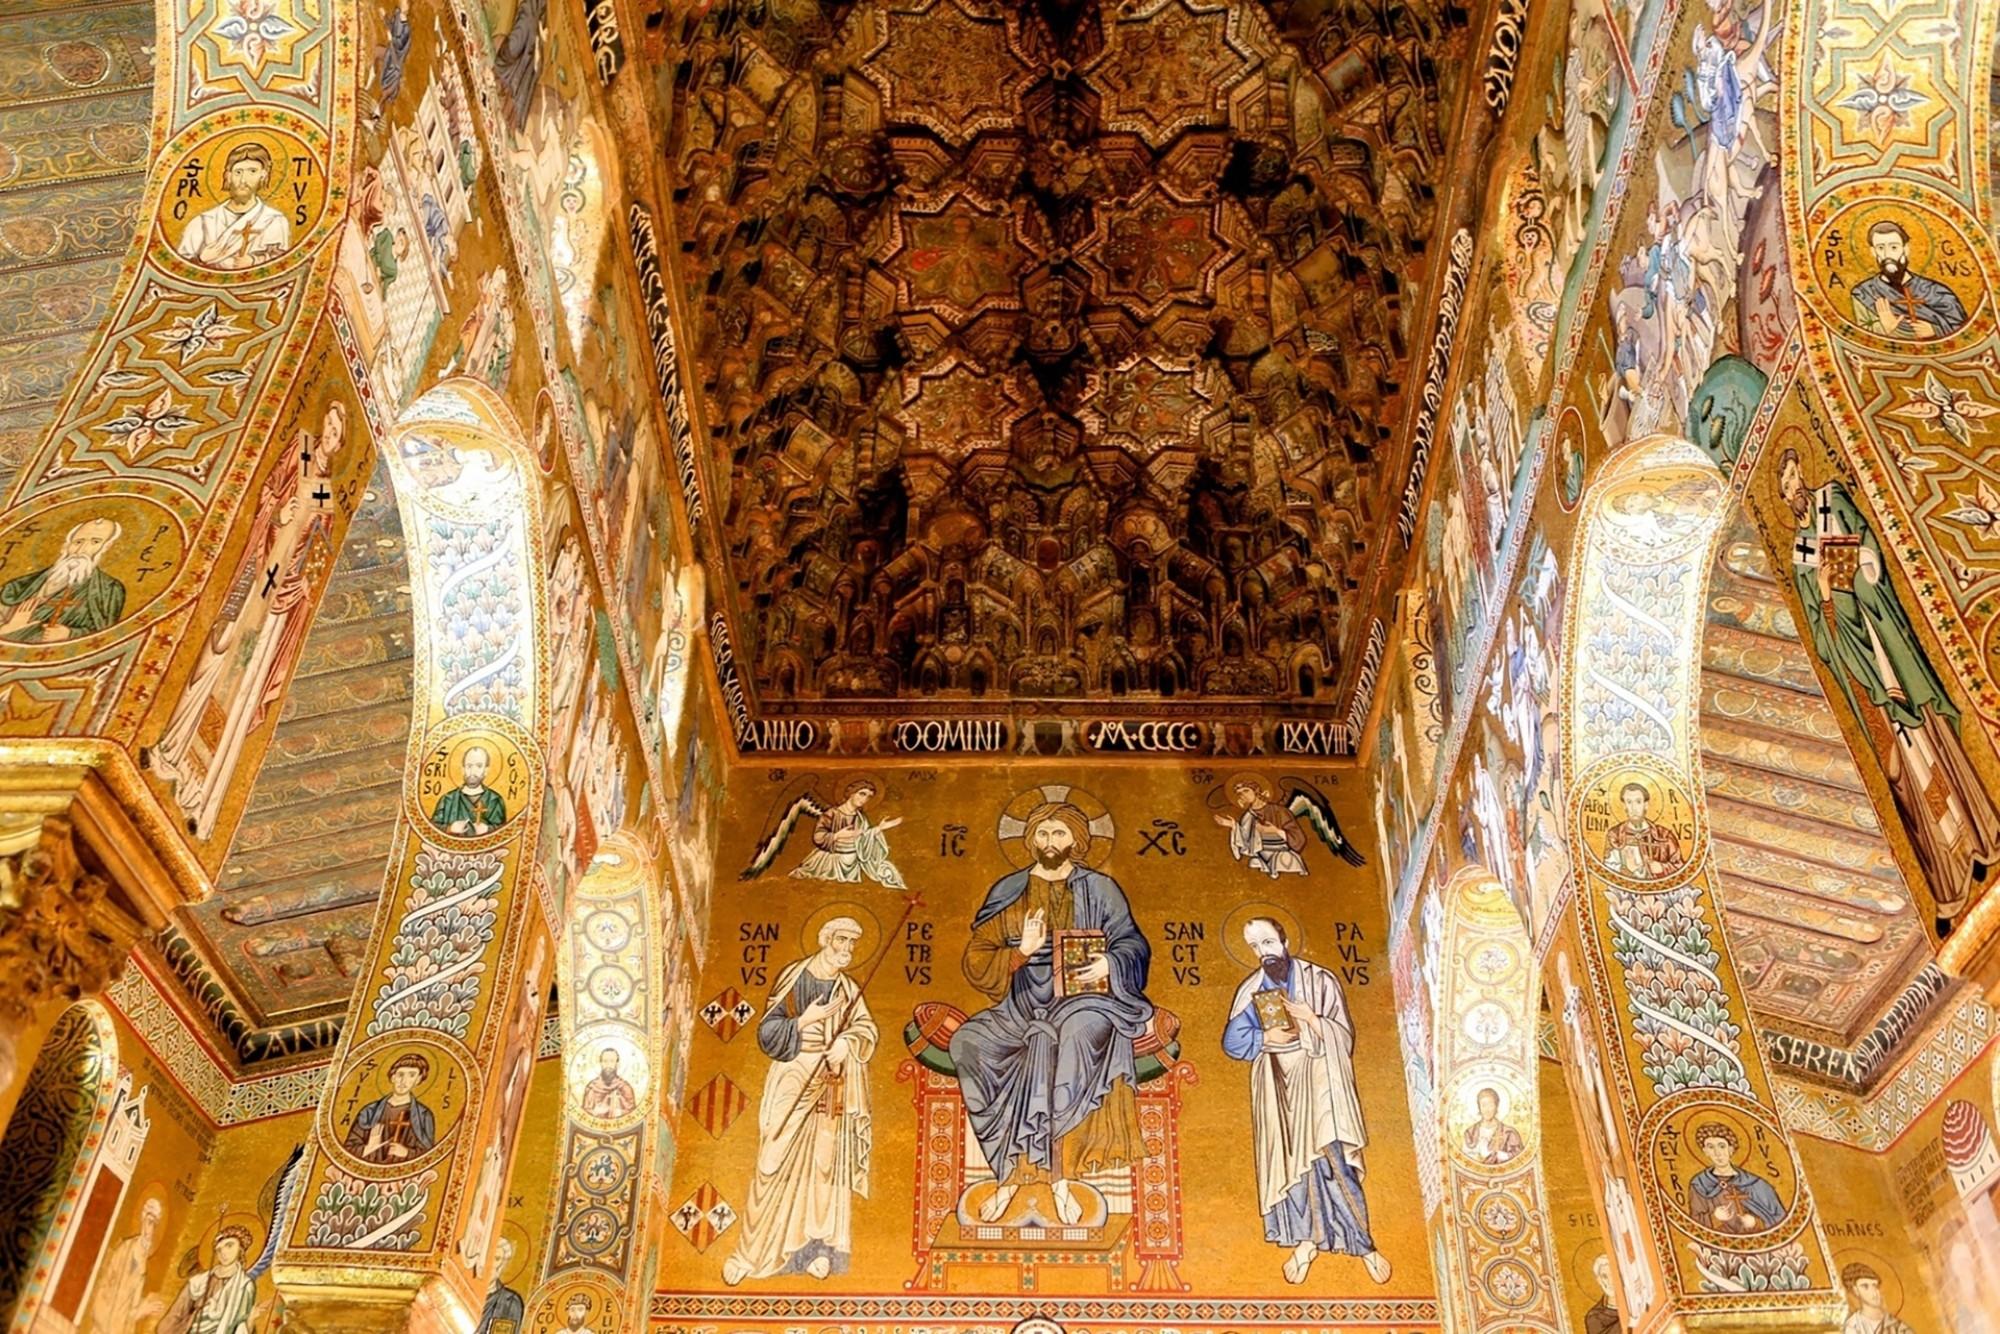 Cappella-palatina-3-1614986-1599x1066